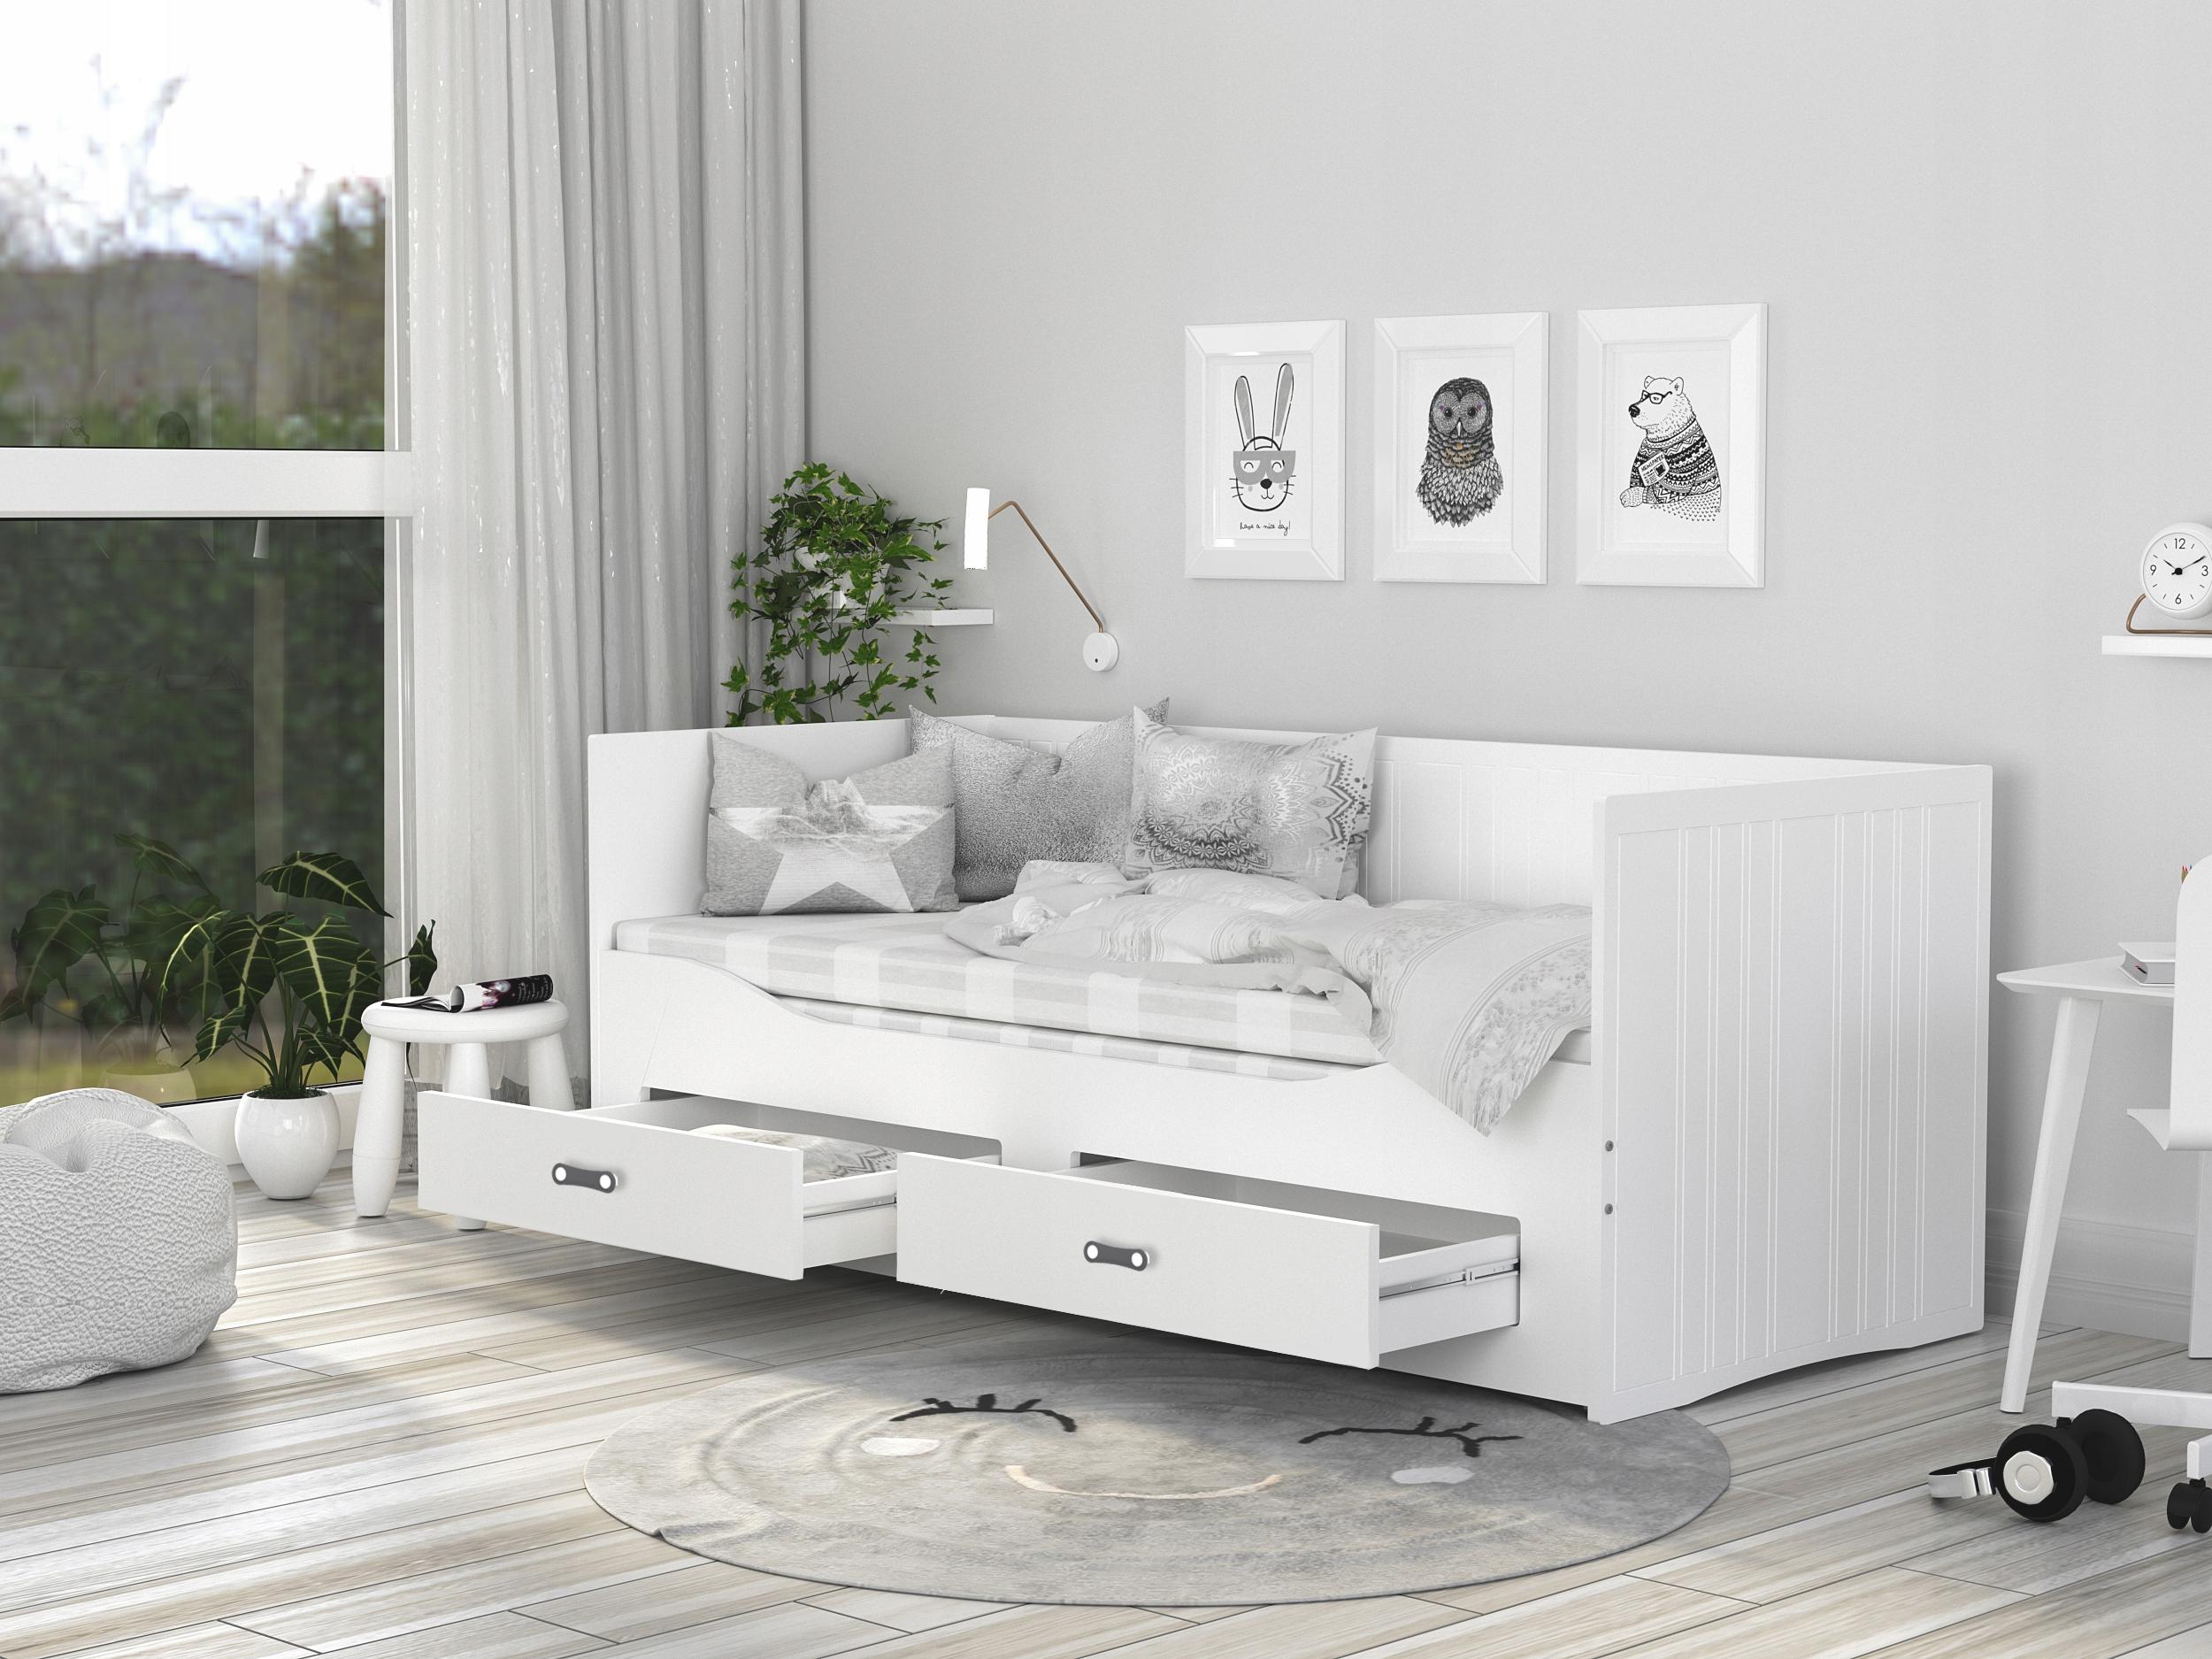 Łóżko rozkładane HERMES materace szuflady białe Marka AJKmeble